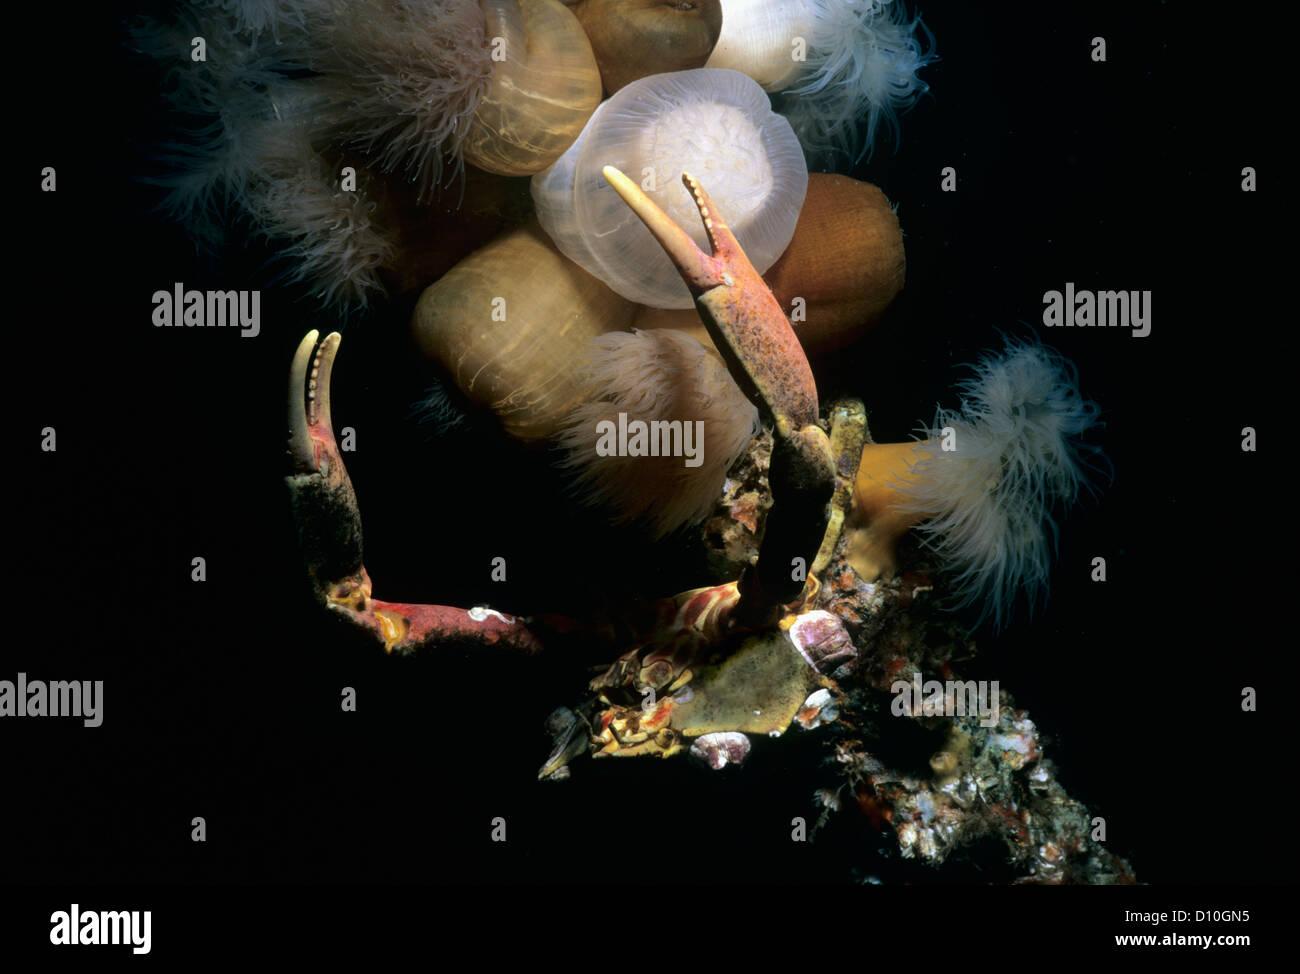 Cryptic Kelp Crab (Pugettia richii) and Plumose Anemones (Metridium giganteum). Vancouver Island, British Columbia, Stock Photo